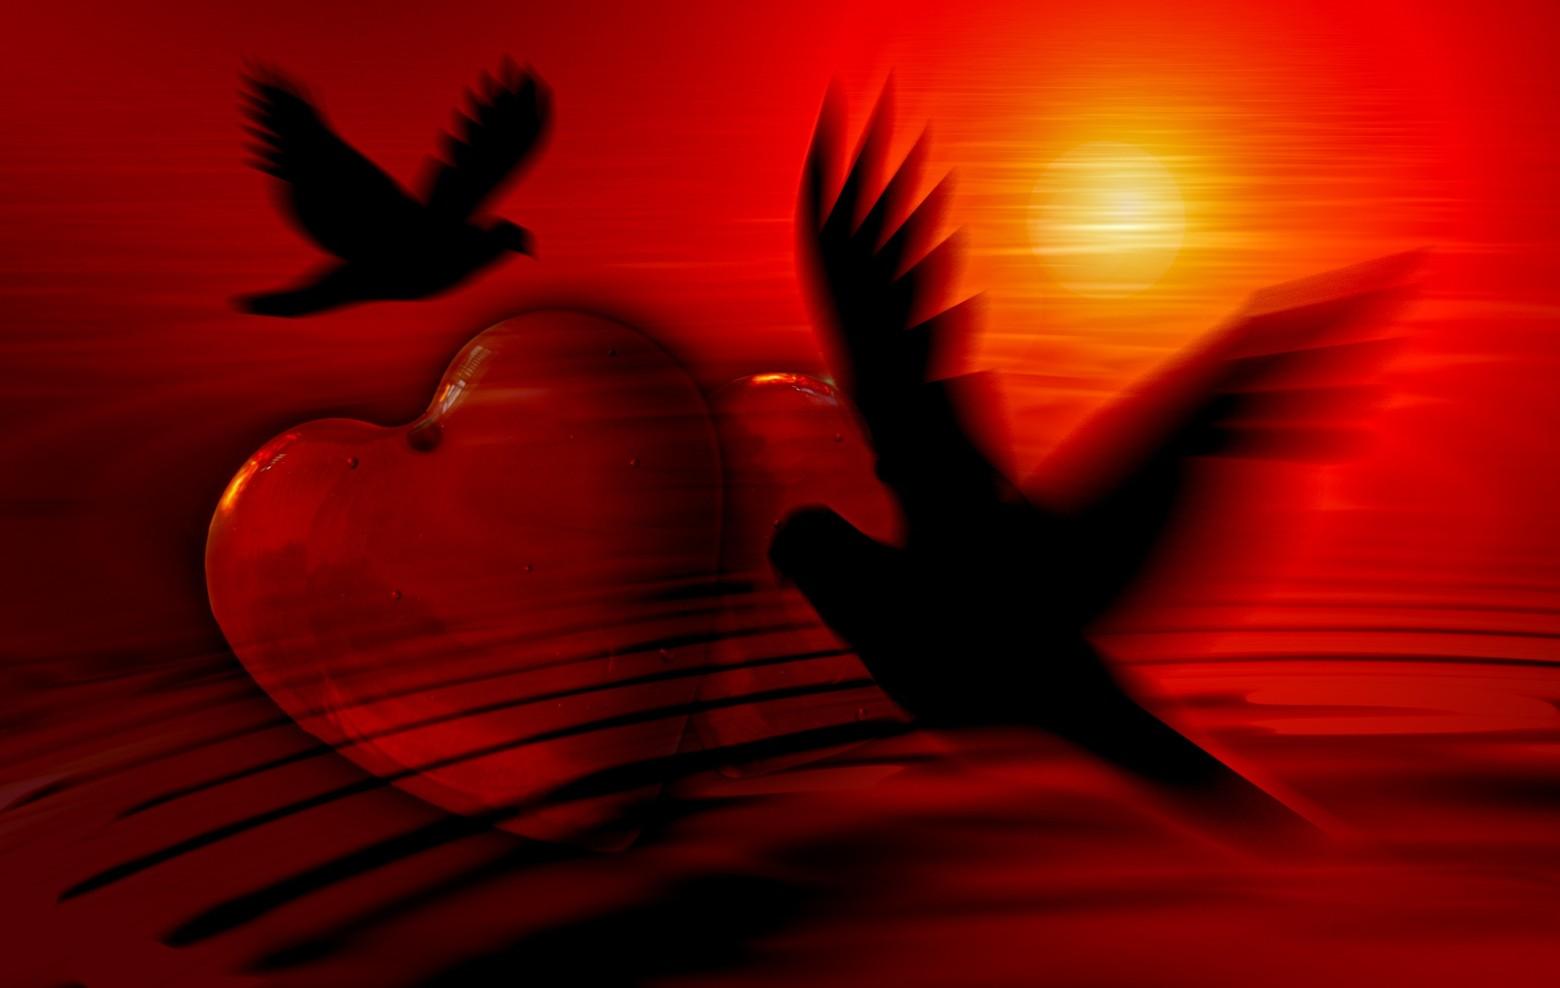 coeur-rouge-silhouette-oiseau-amour-love-images-photos-gratuites-1560x988